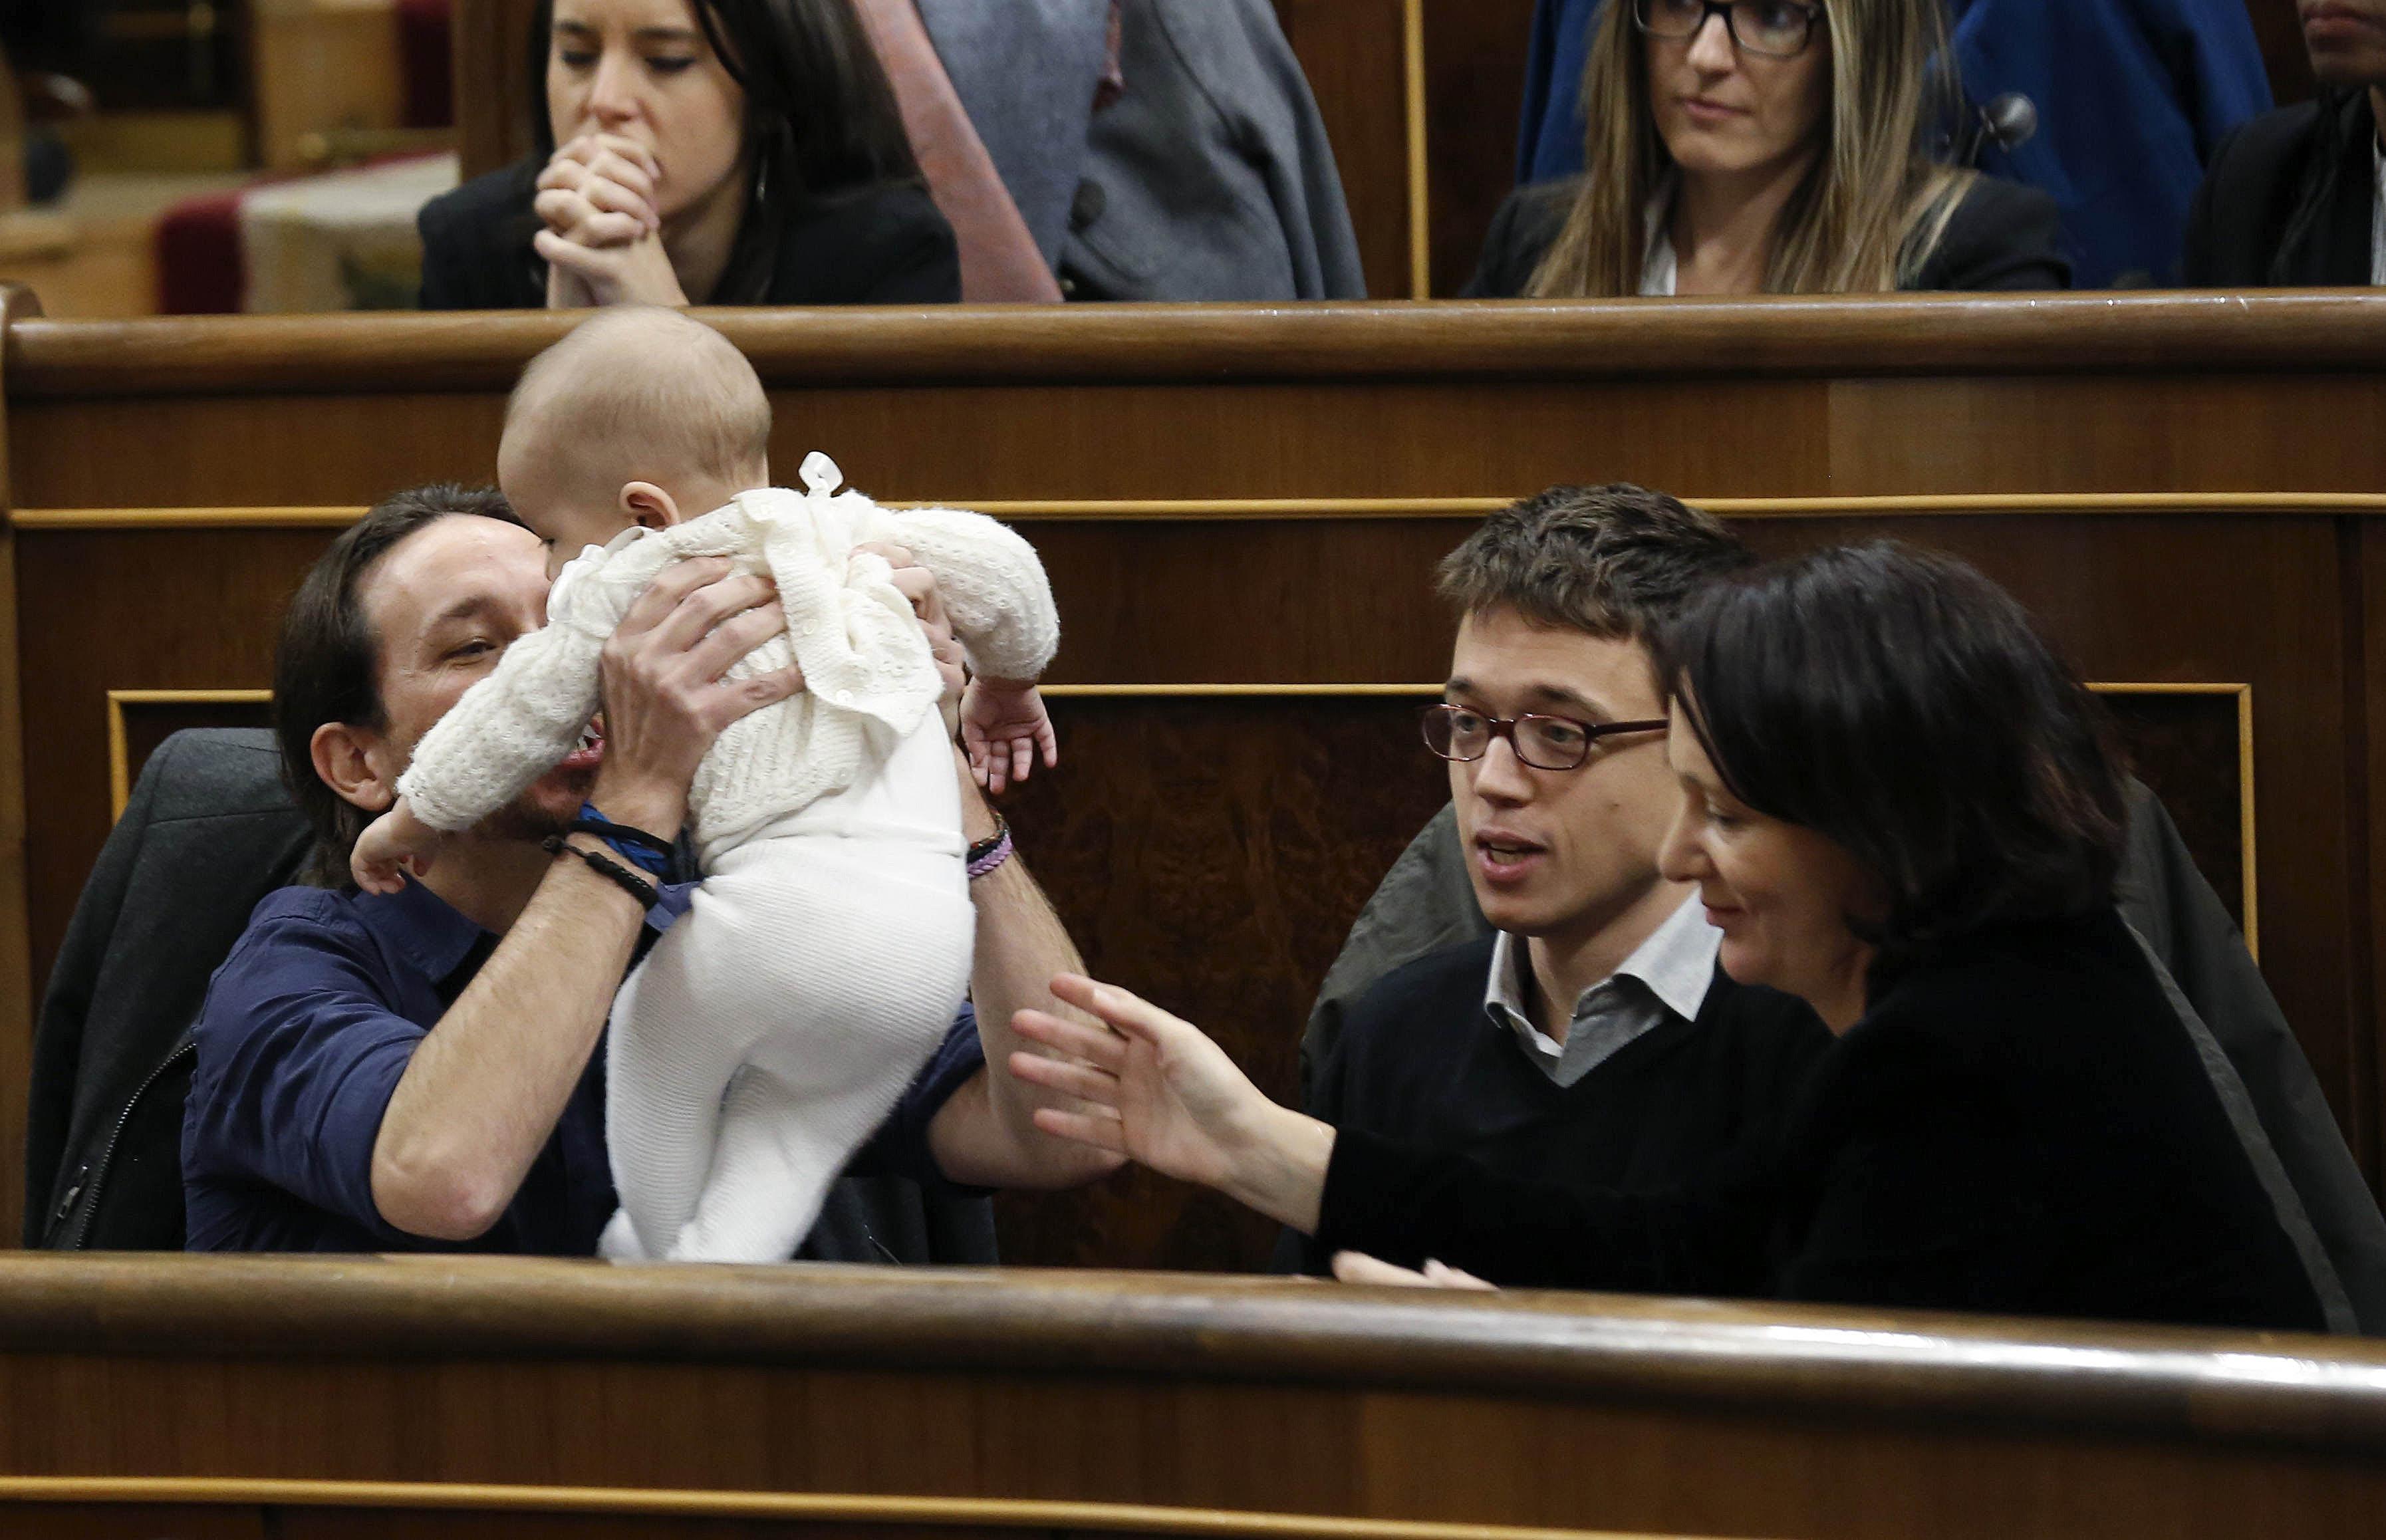 13 de enero: se constituye el Congreso de los Diputados, con Diego, el bebé de Carolina Bescansa, como protagonista. (Foto: EFE)